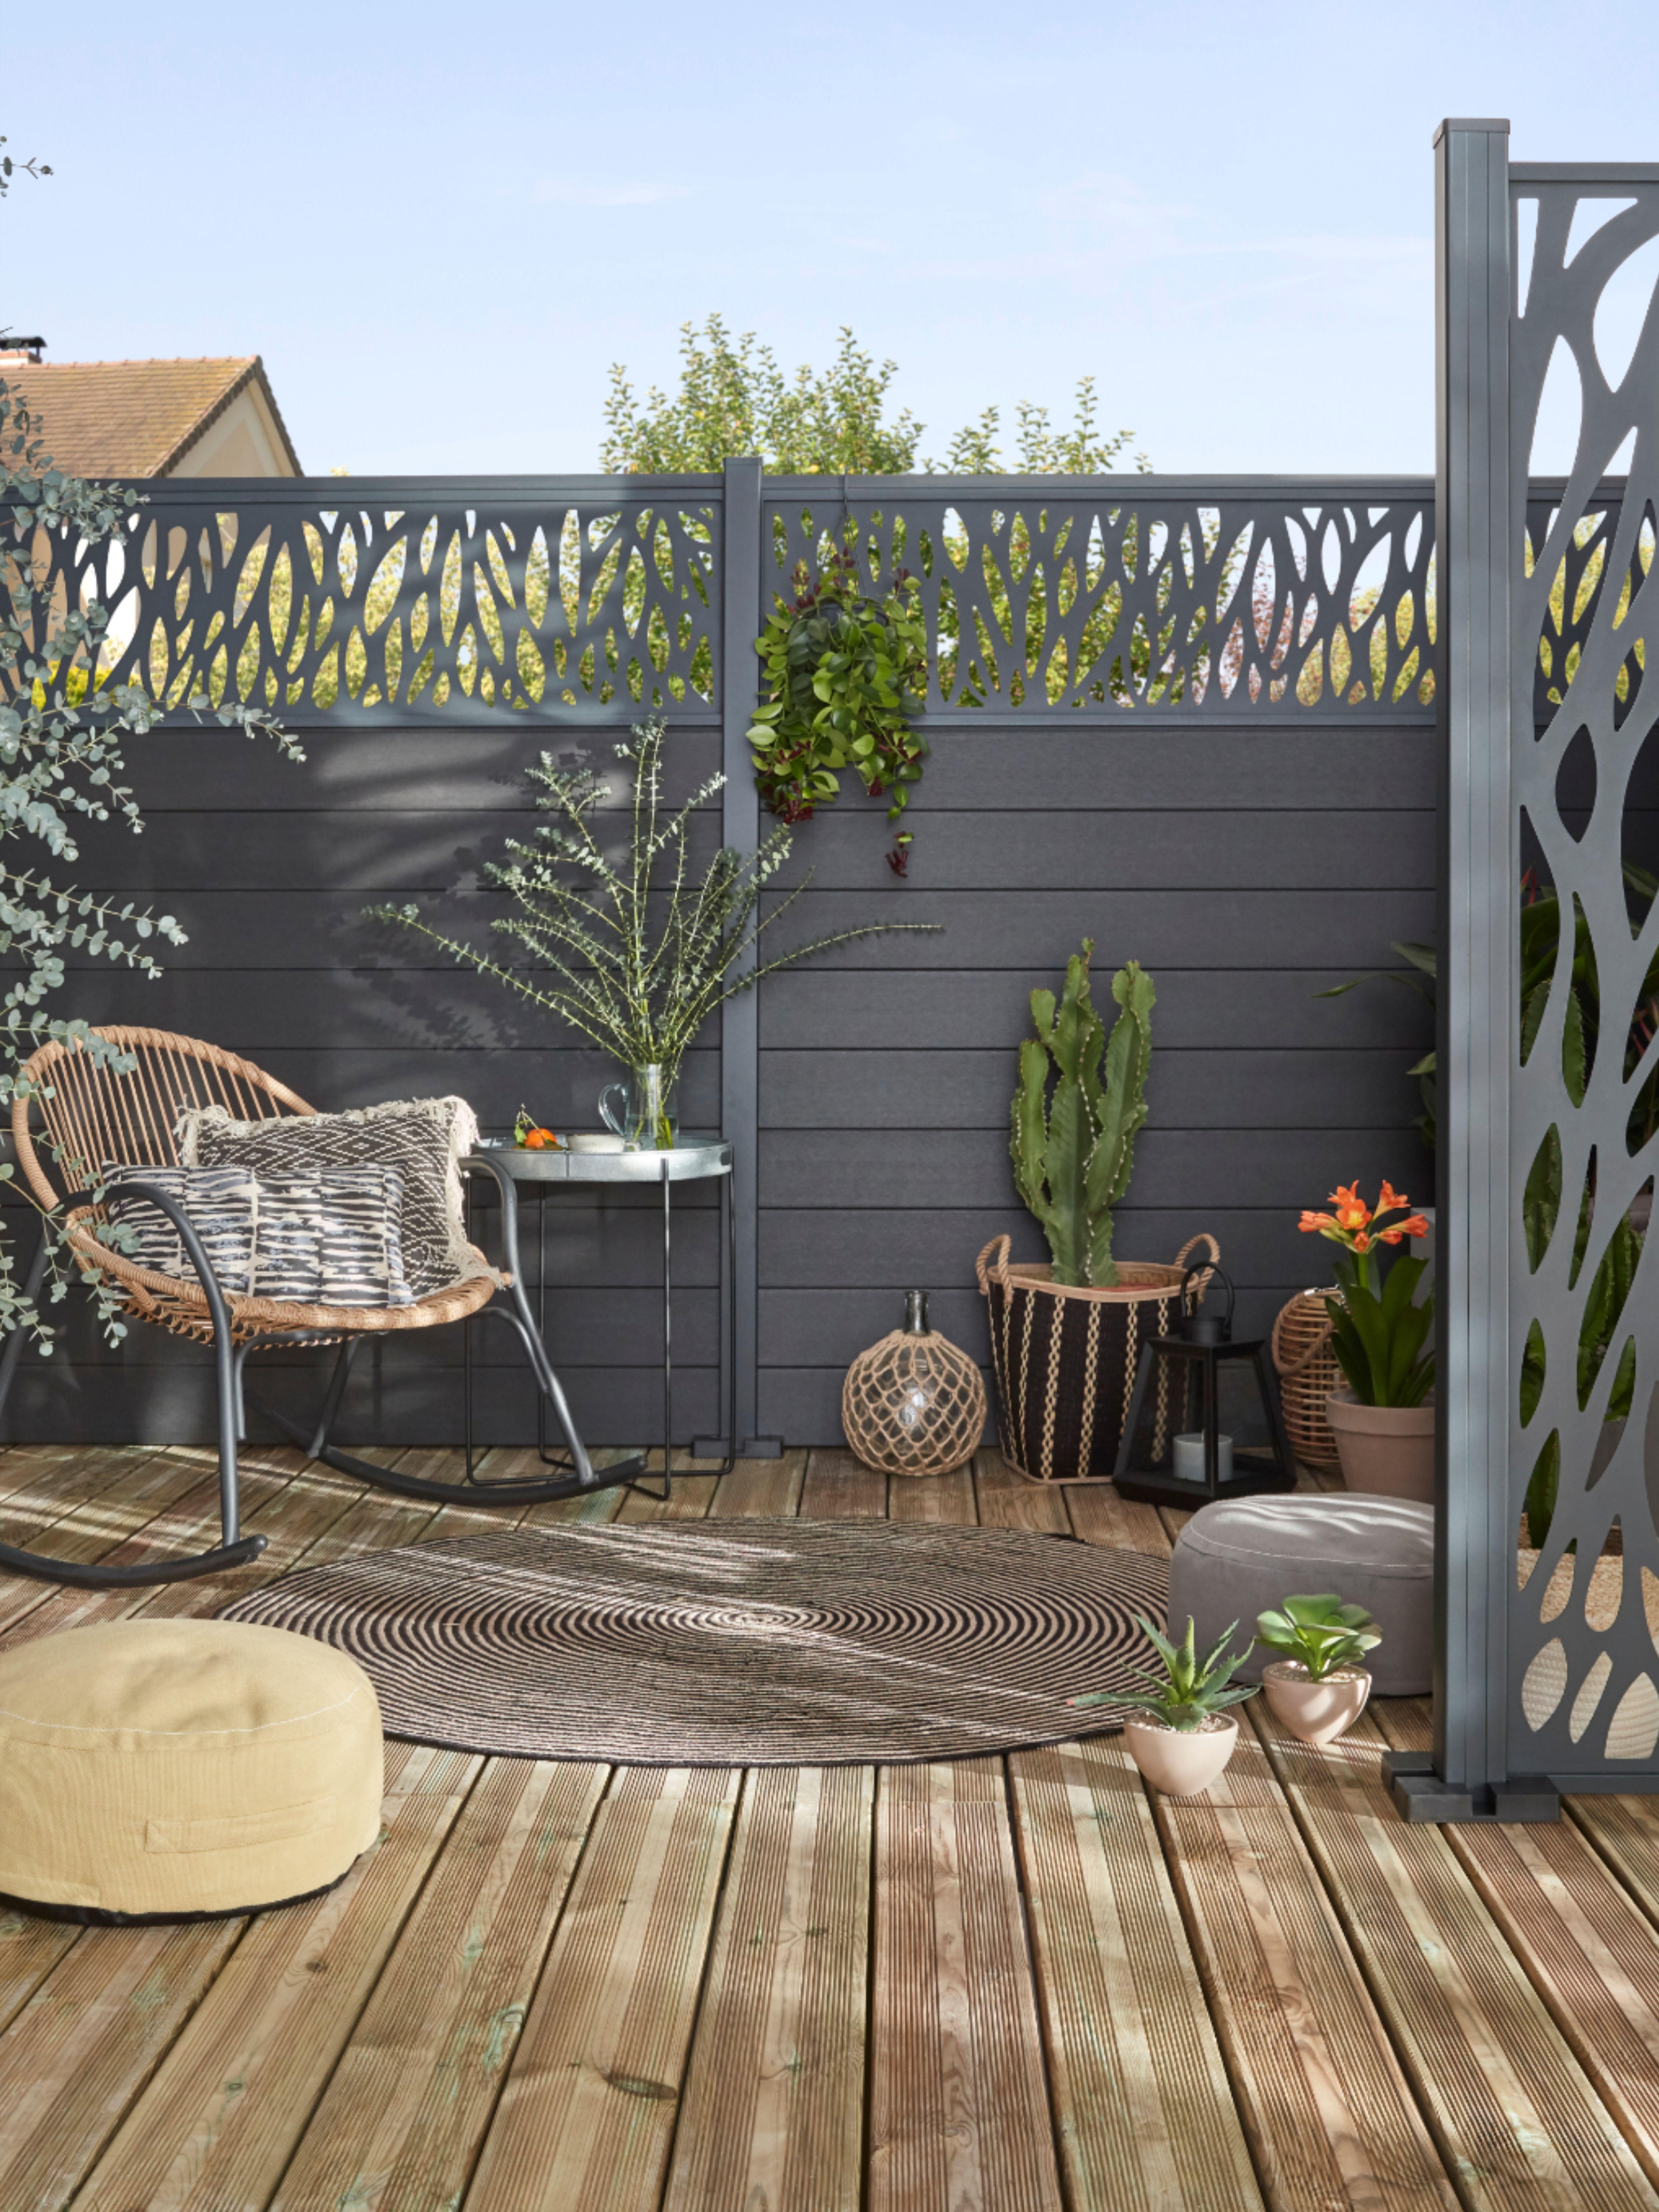 Lame De Cloture Composite Neva Anthracite Lot De 3 Lames En 2020 Panneau Decoratif Jardin Deco Mur Exterieur Jardin Deco Terrasse